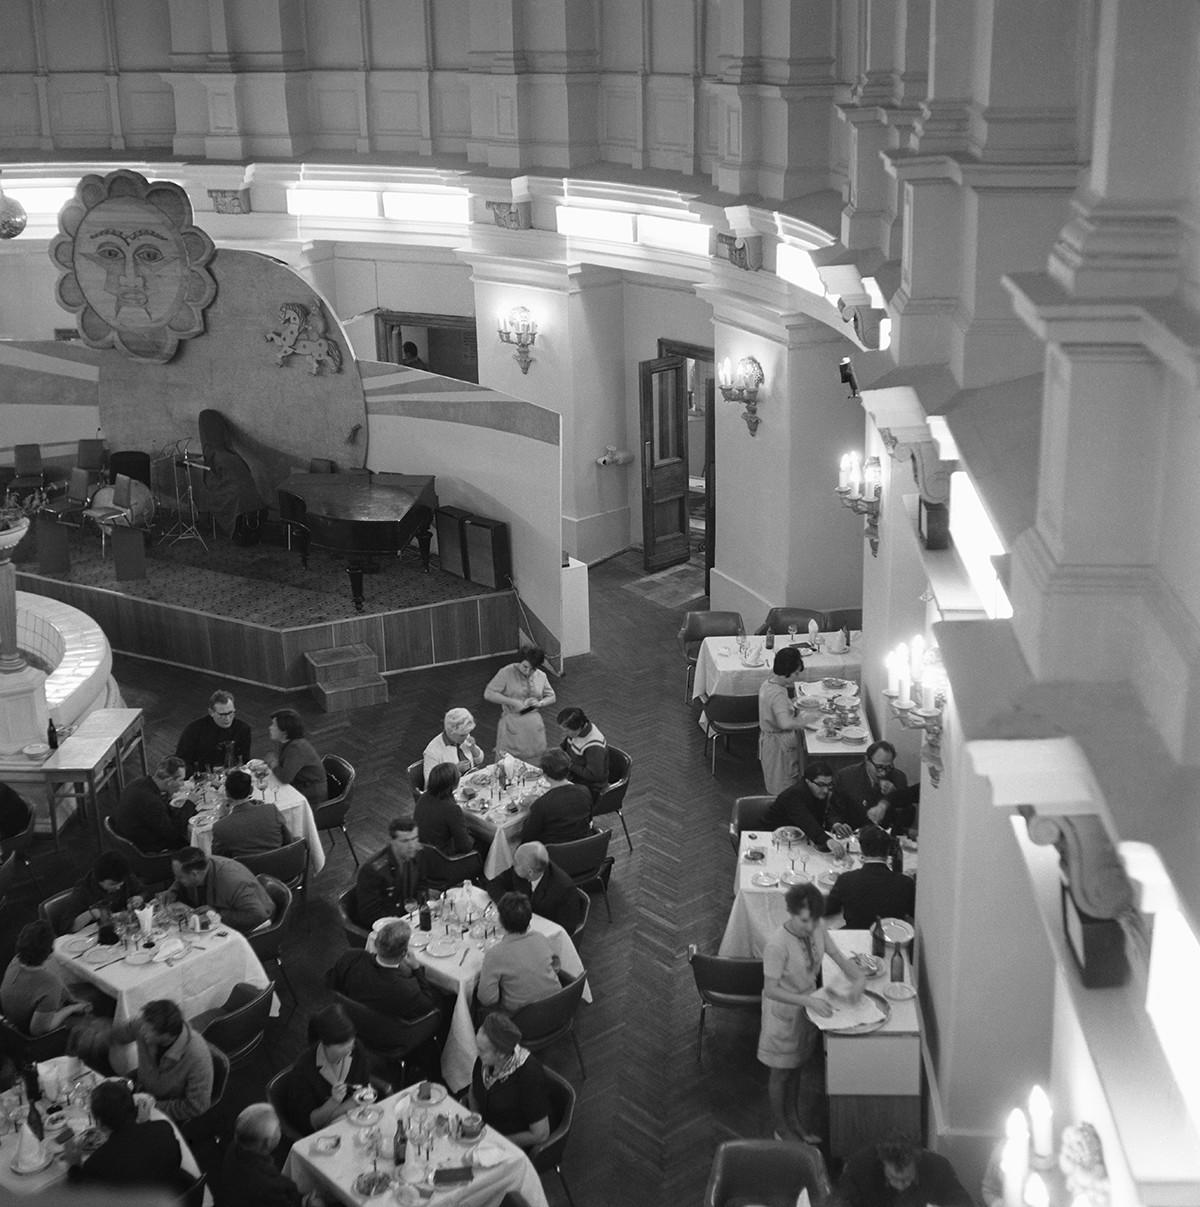 レストラン「スラビャンスキー・バザル」にて、1968年